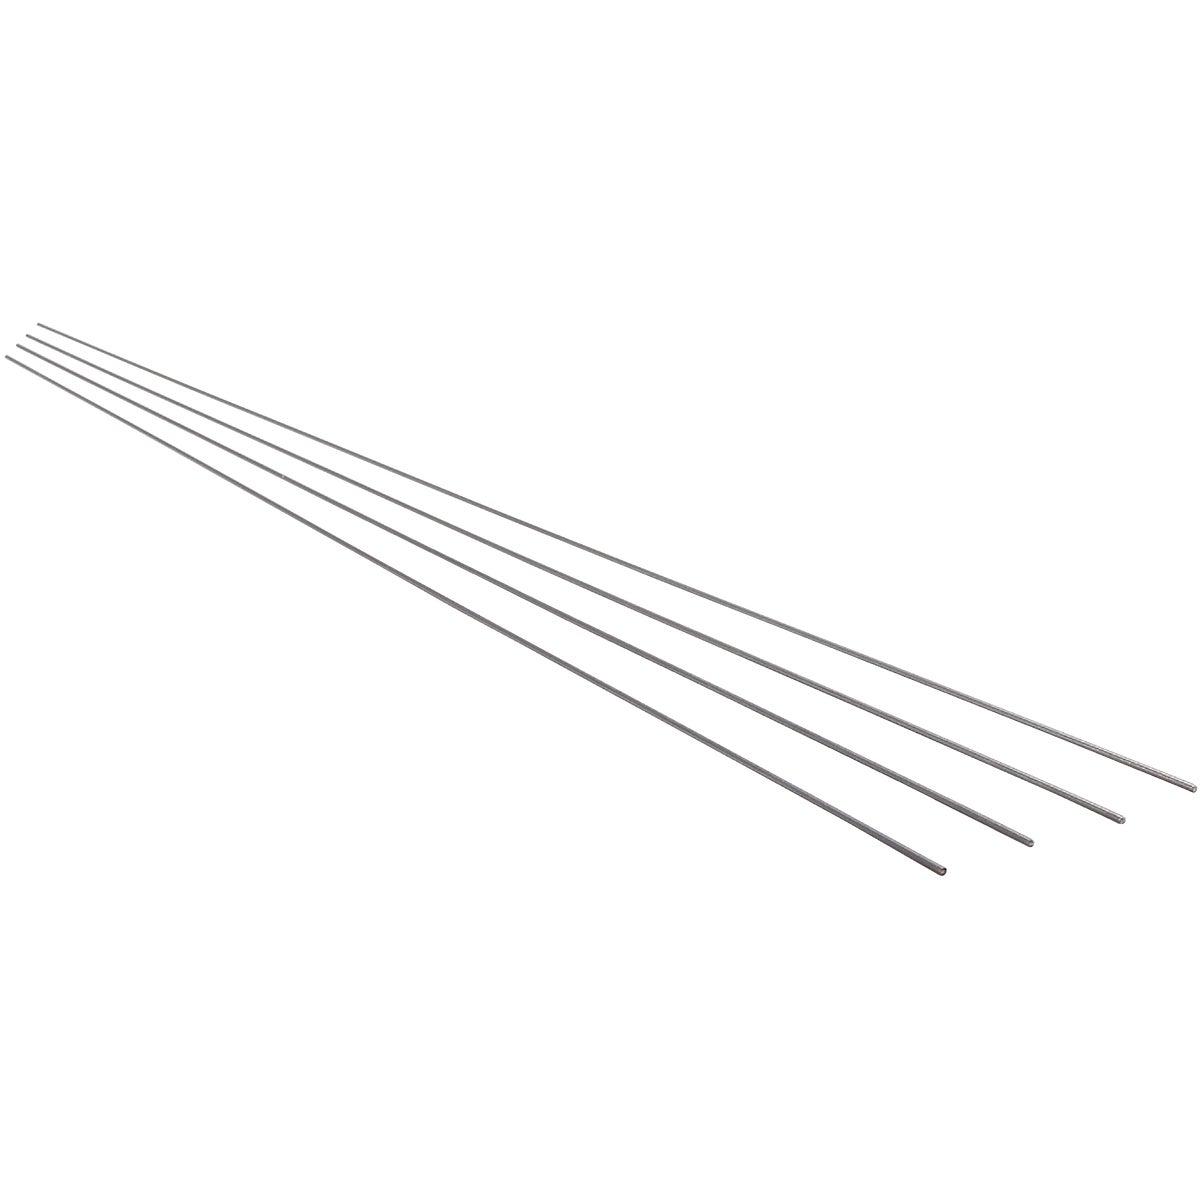 K&S .047 In. x 36 In. Steel Music Wire